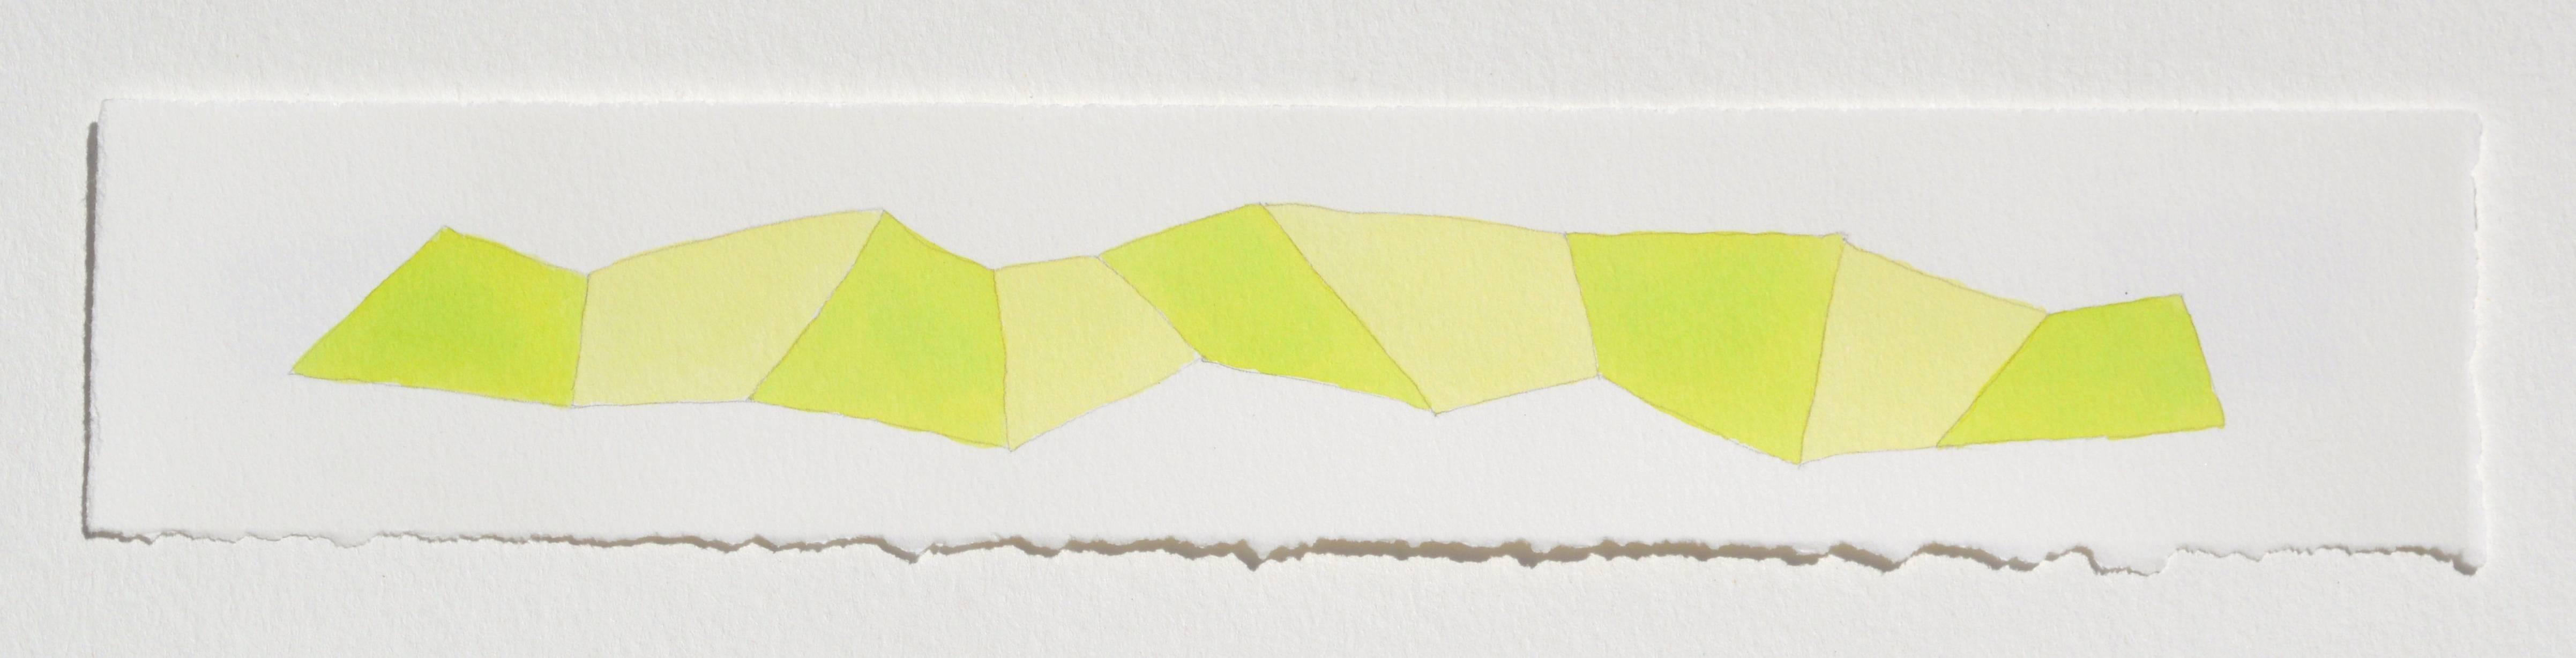 Karen Schiff, Word Snake F, 2014, Watercolor, Gouache, Rag Paper, Pencil